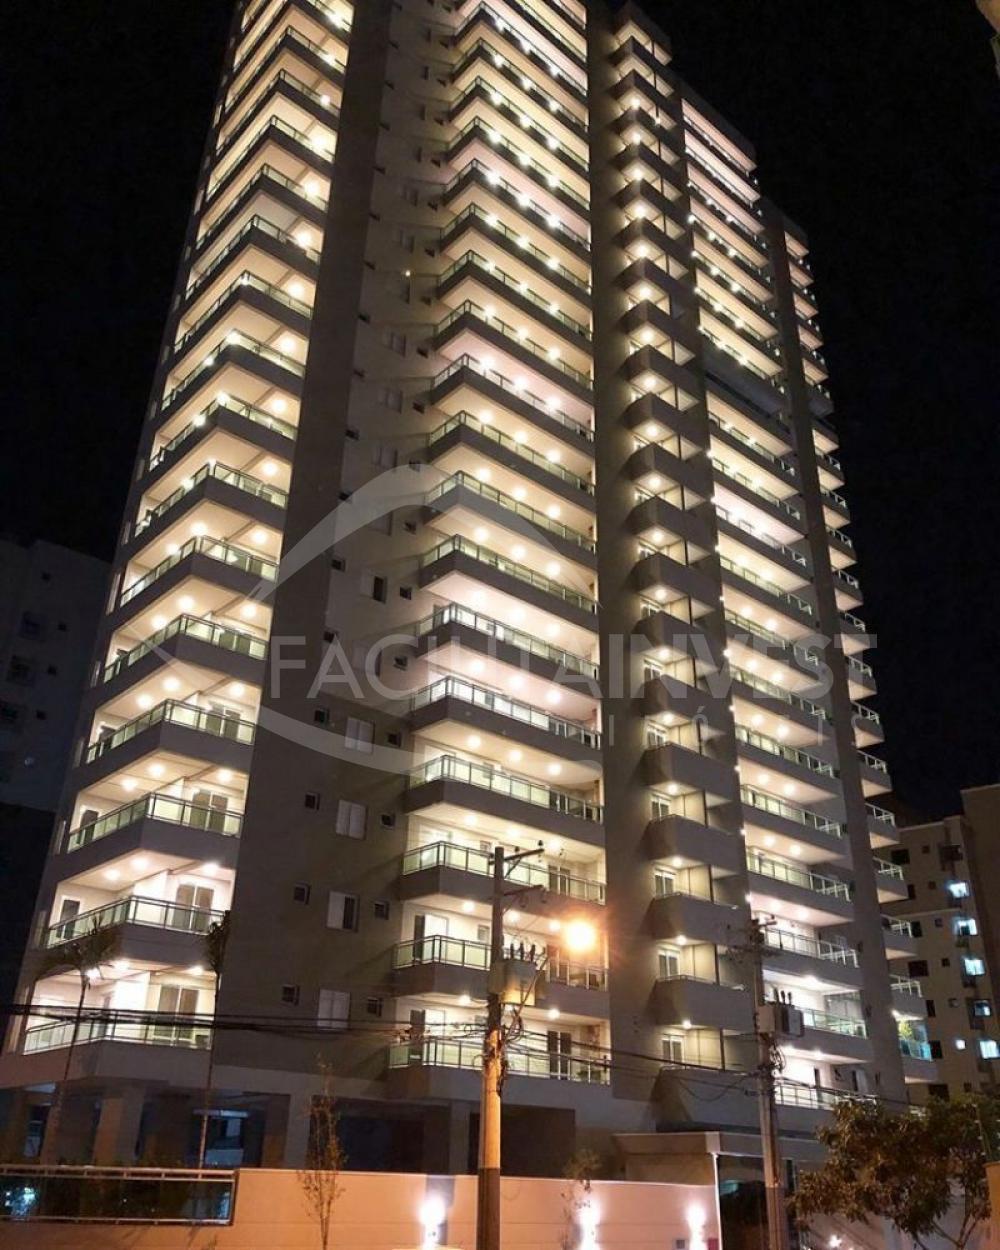 Comprar Lançamentos/ Empreendimentos em Construç / Apartamento padrão - Lançamento em Ribeirão Preto apenas R$ 623.000,00 - Foto 12